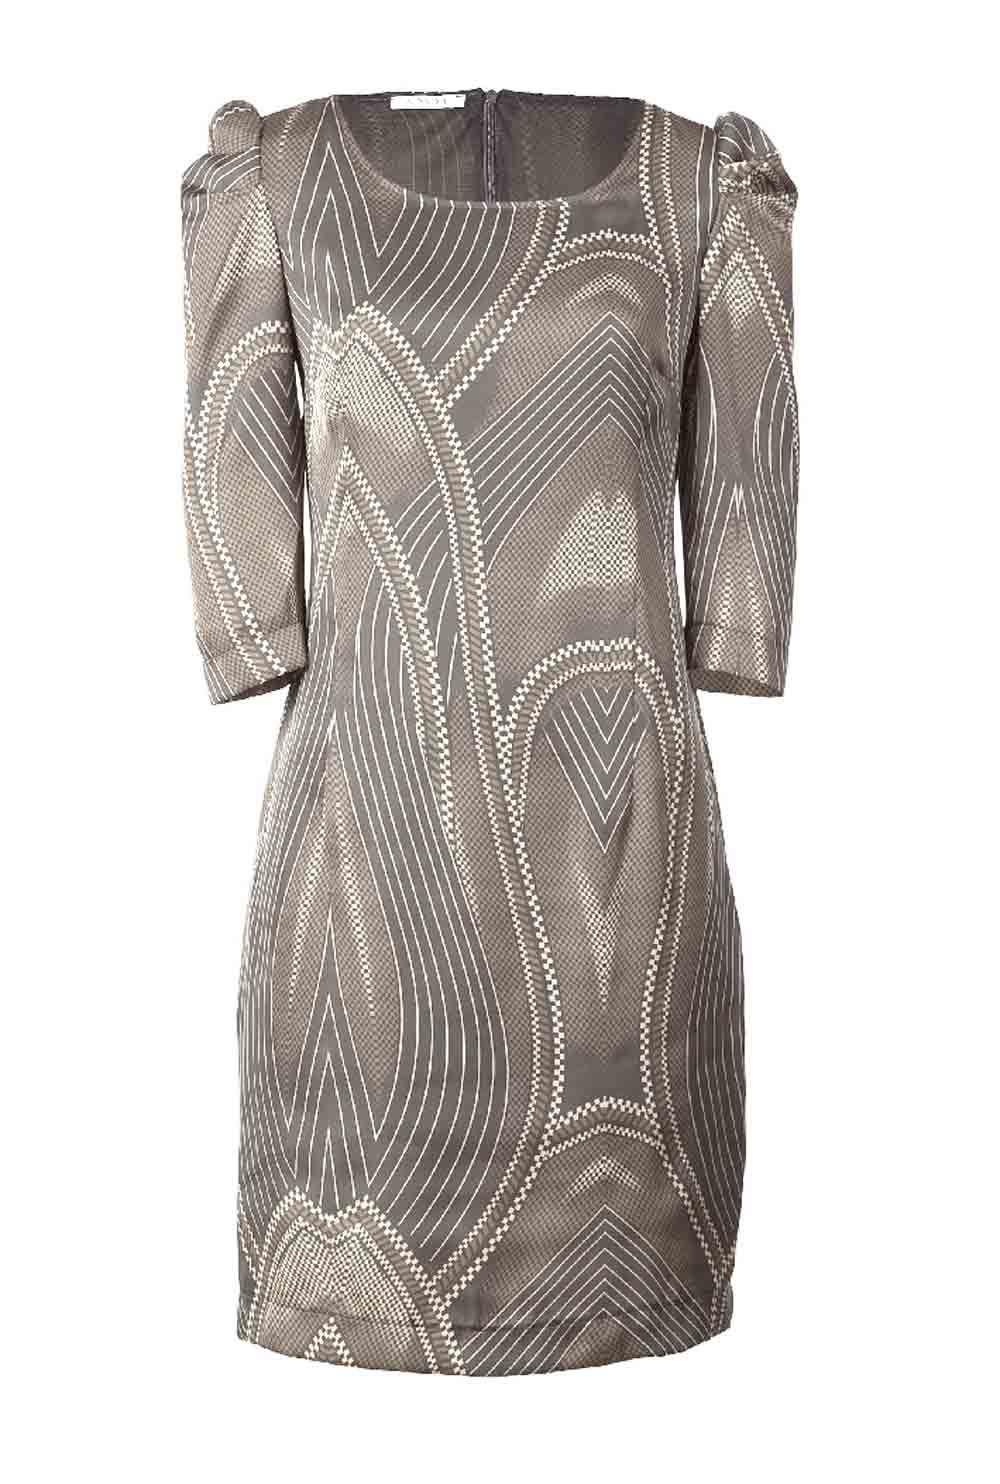 Satinkleid Grau Taupe Von Apart In 2020 Satinkleid Kleider Etuikleid